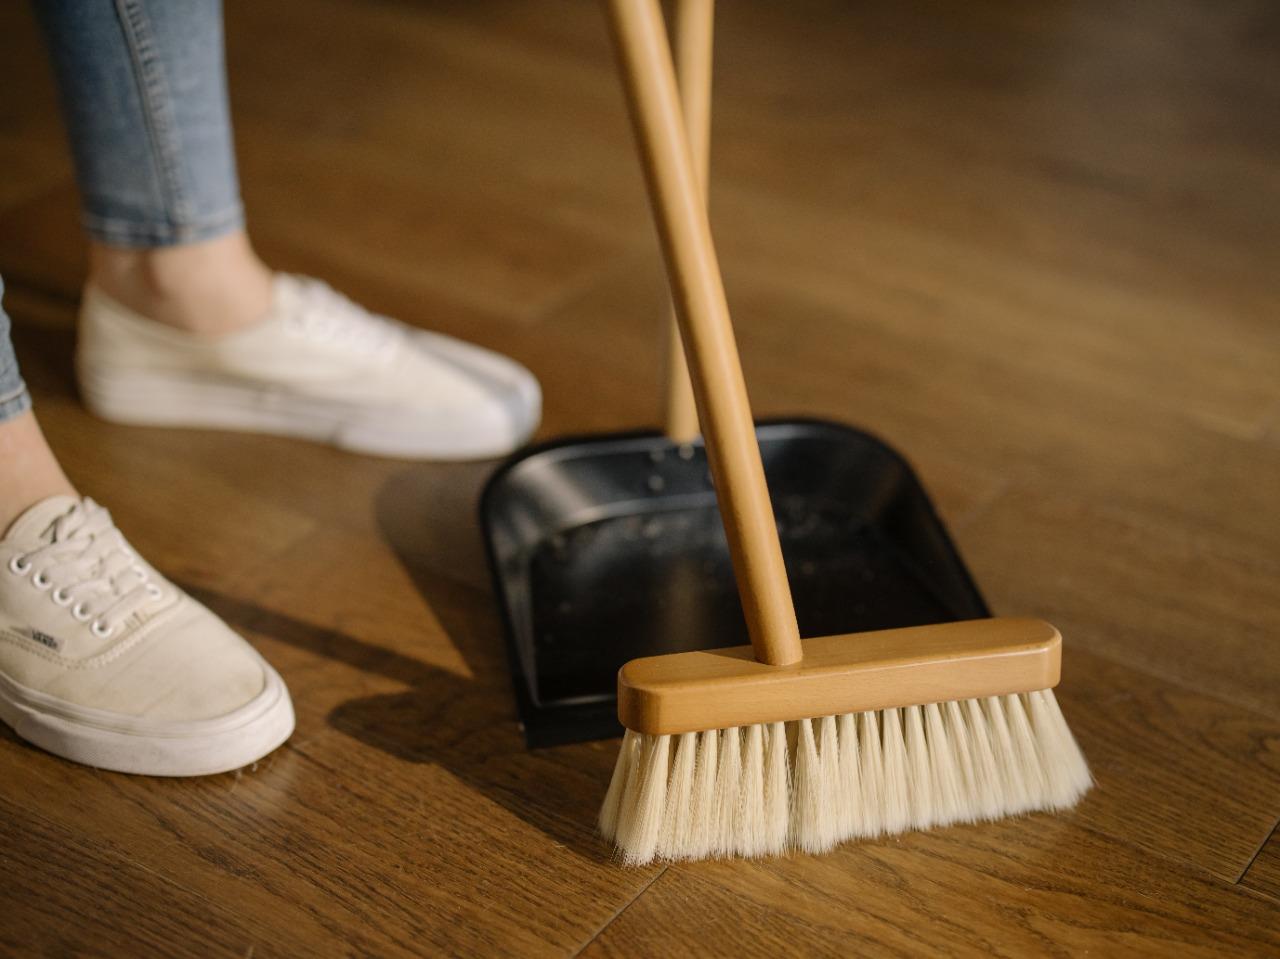 Faxina otimizada: como limpar a casa sem se cansar ou gastar muito tempo